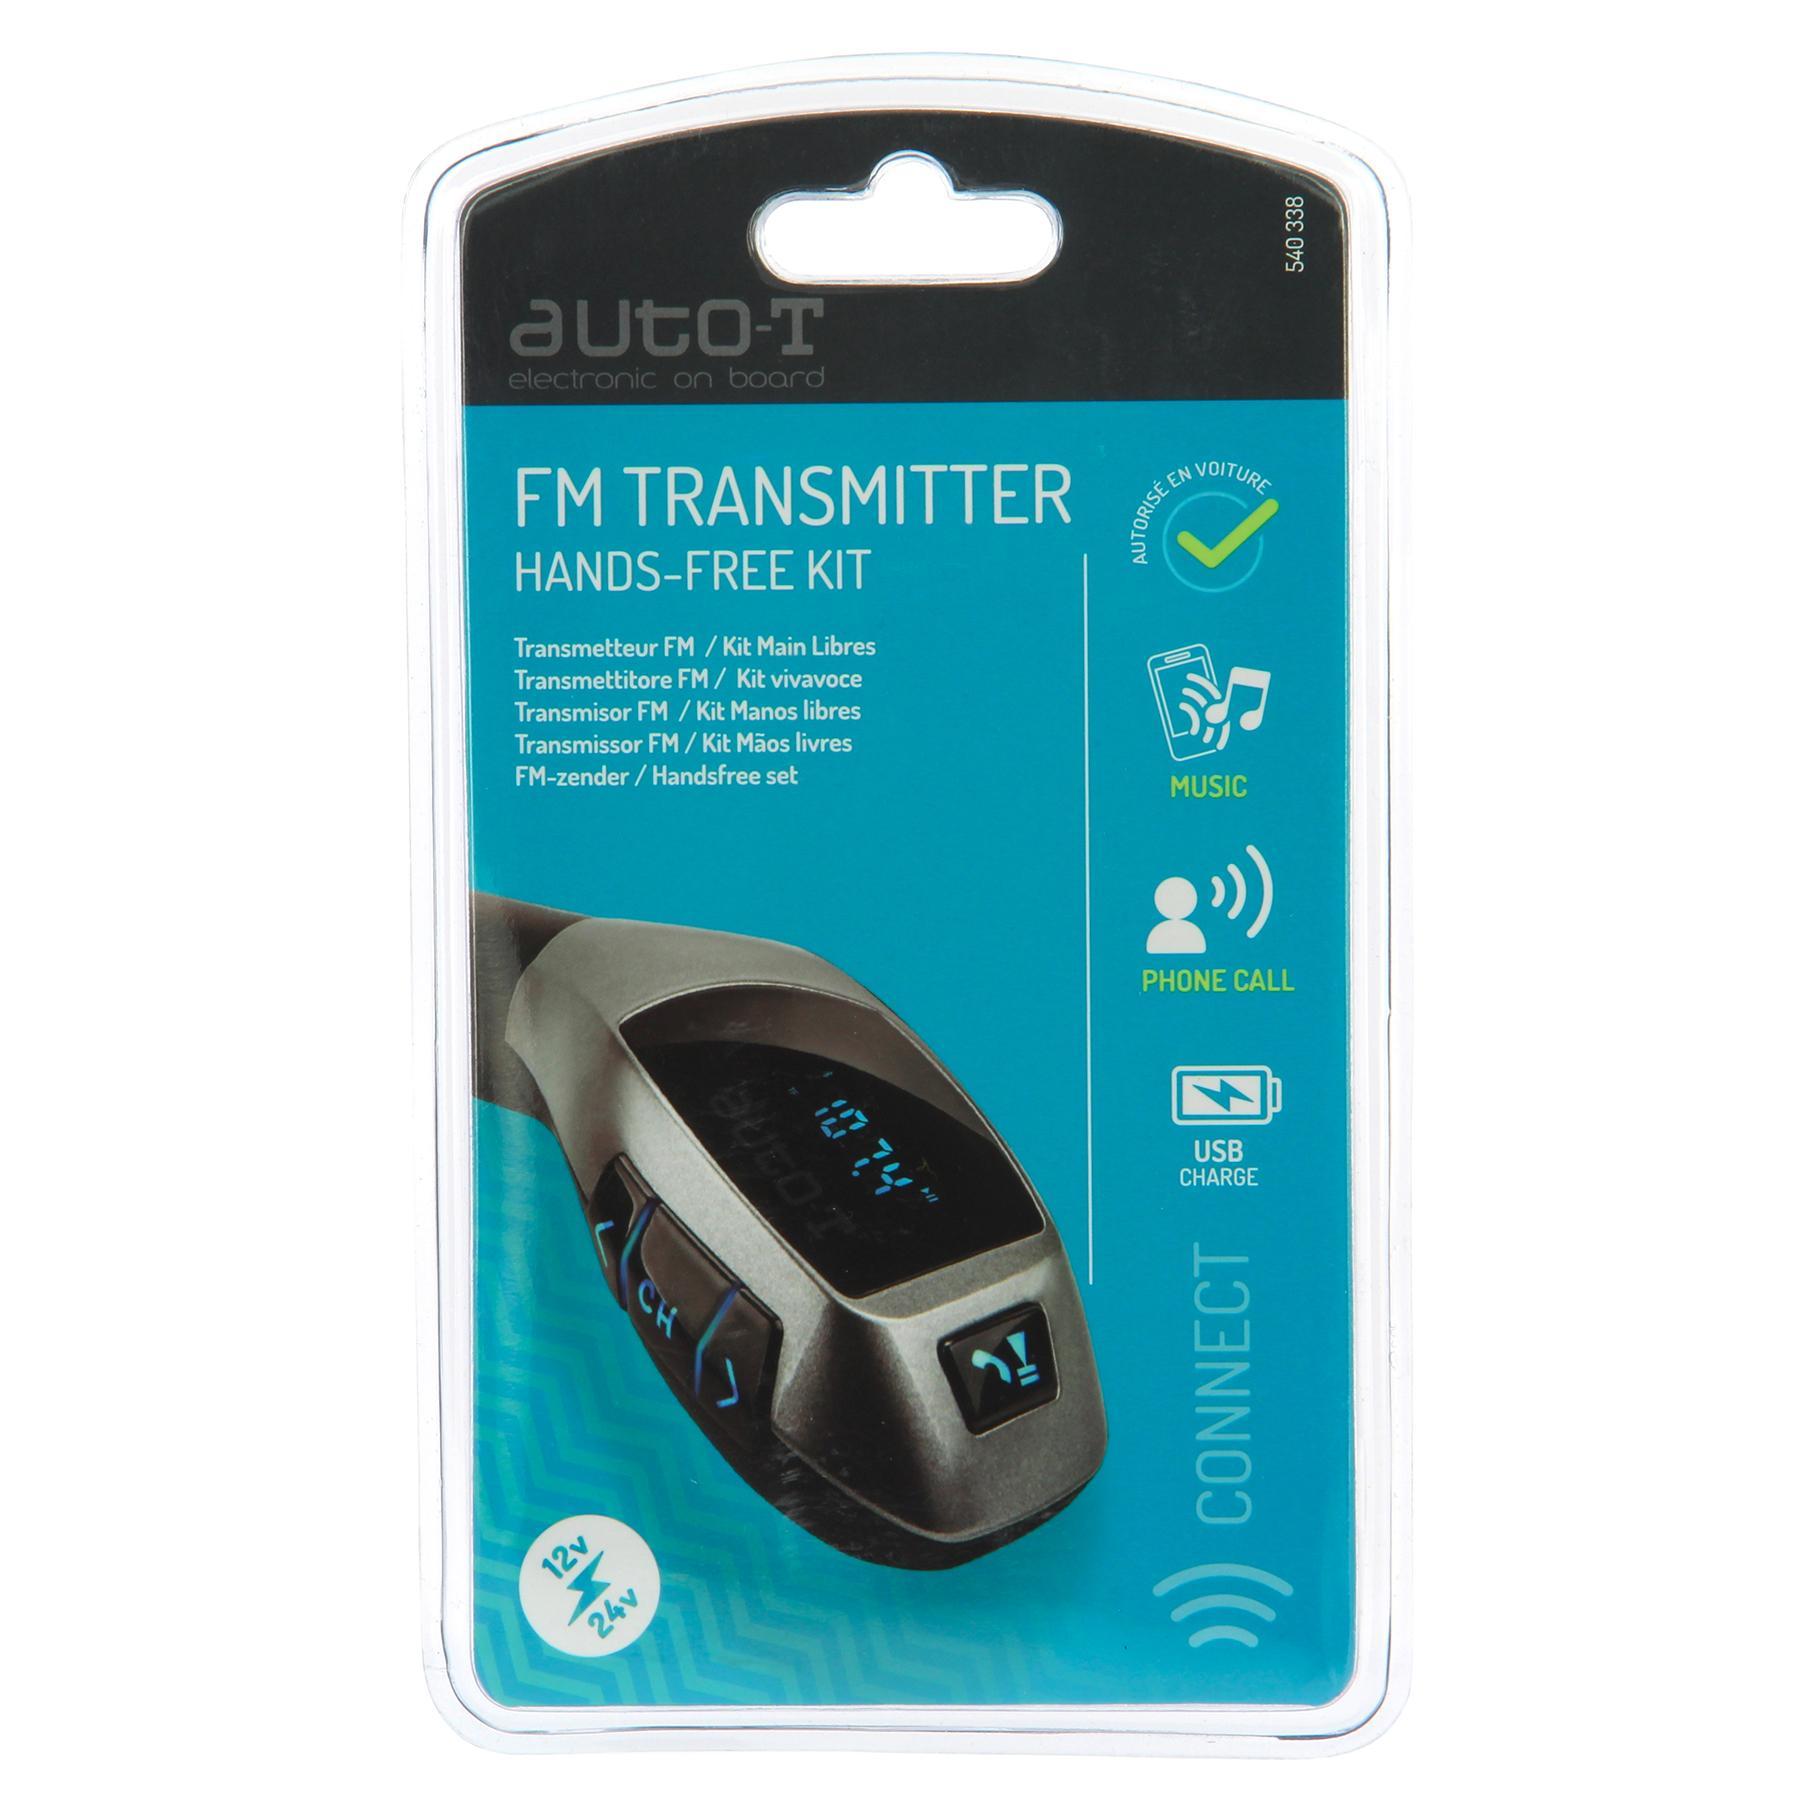 540338 FM transmitter AUTO-T 540338 - Lai valik